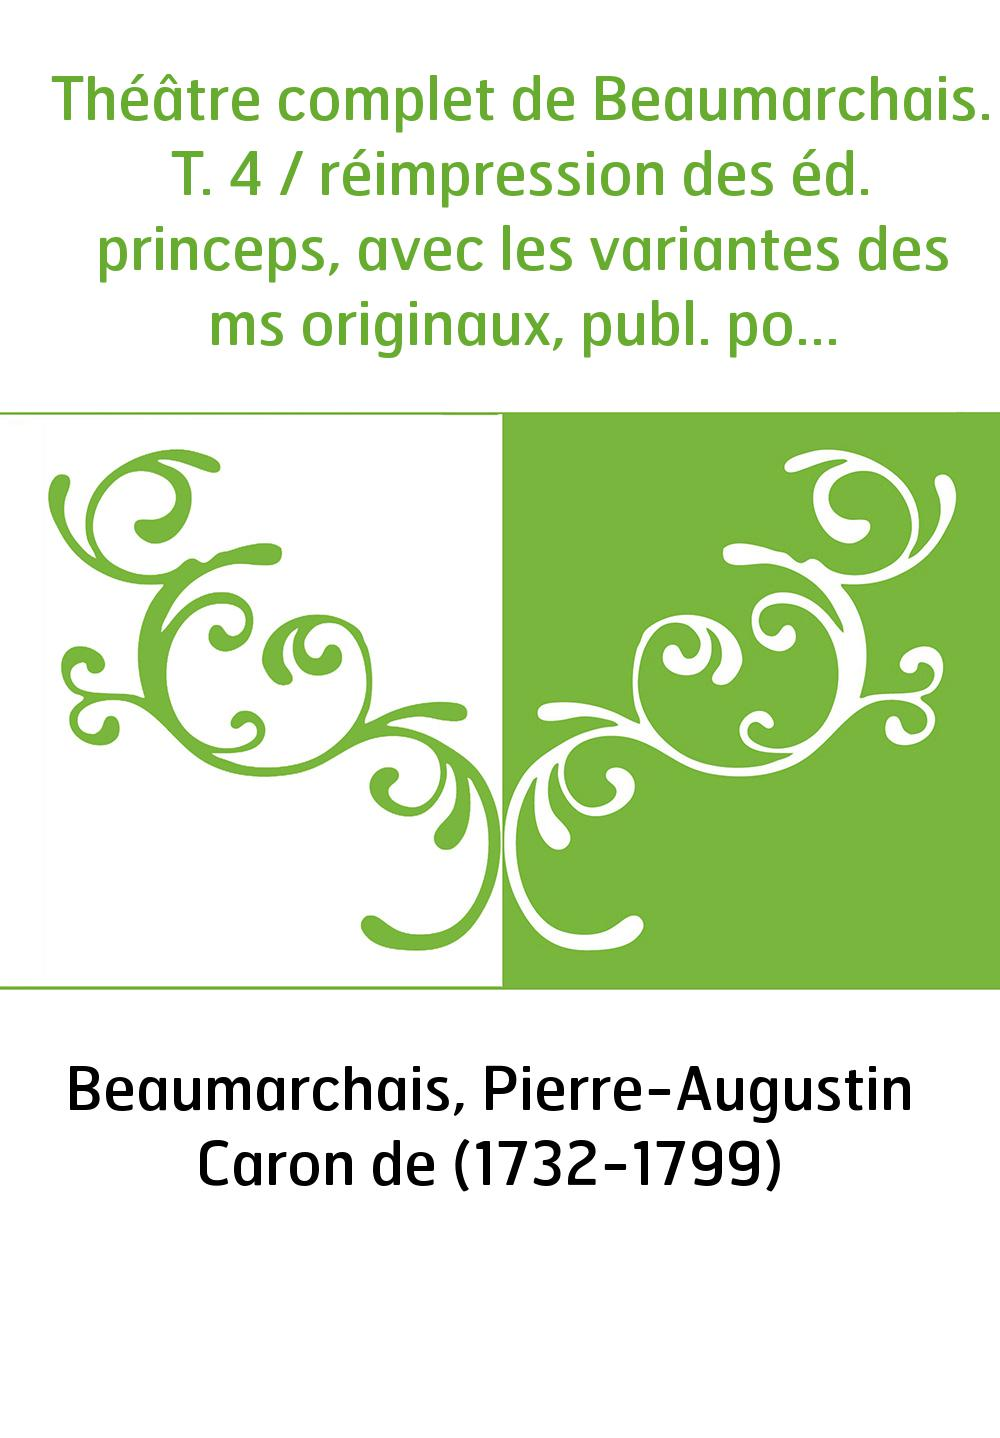 Théâtre complet de Beaumarchais. T. 4 / réimpression des éd. princeps, avec les variantes des ms originaux, publ. pour la premiè